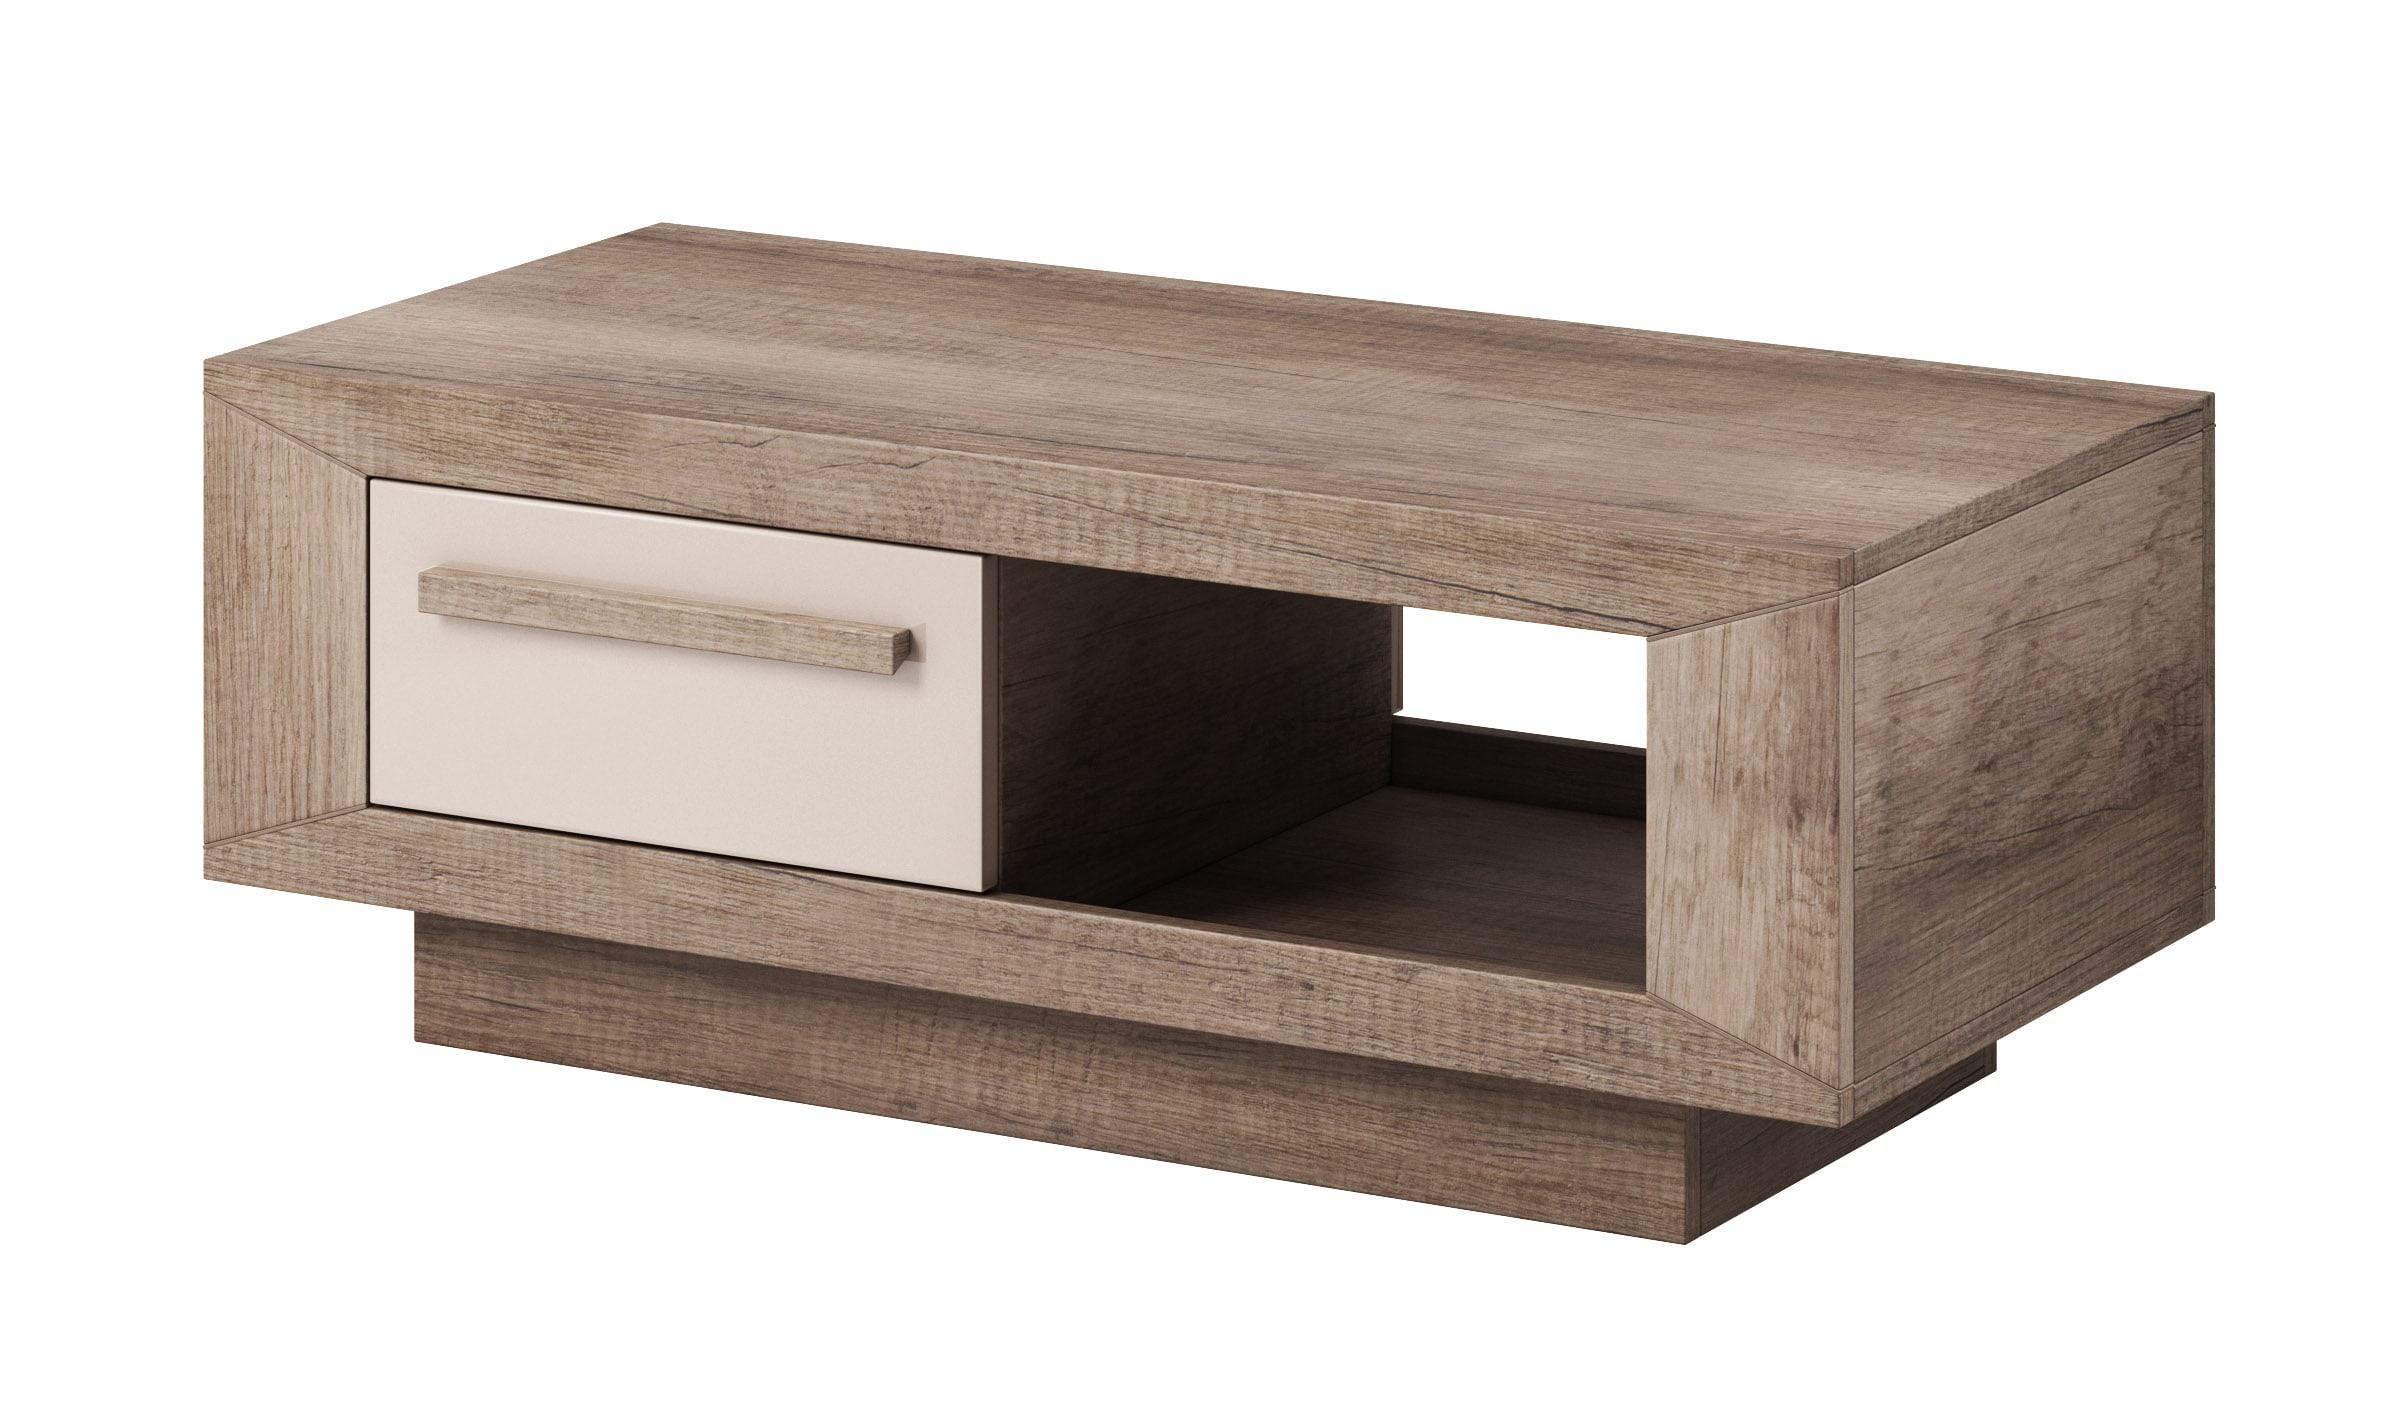 Konferenční stolek - Laurie - Typ 99 (dub canyon monument + lesk šedý pískový)